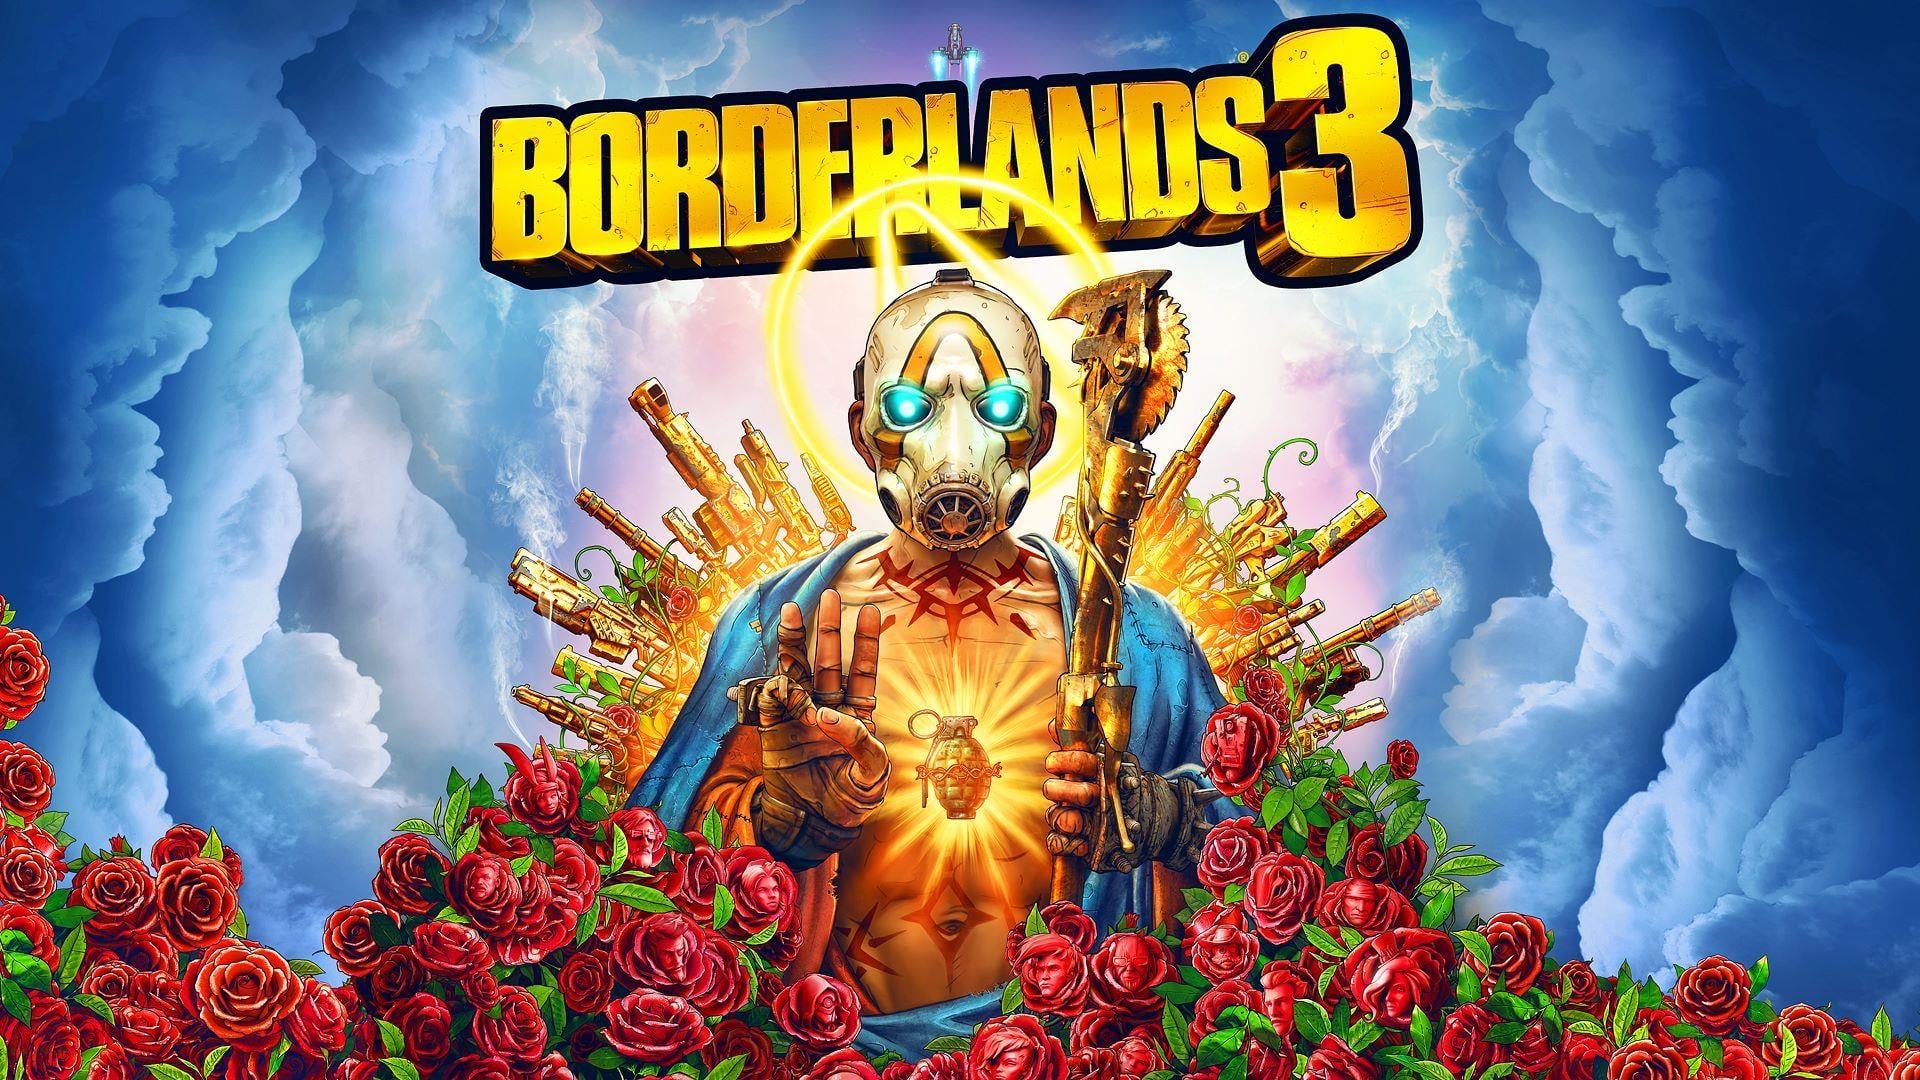 Borderlands 3 Ultimate Edition, Botte e Bottino ed altro - IlVideogioco.com